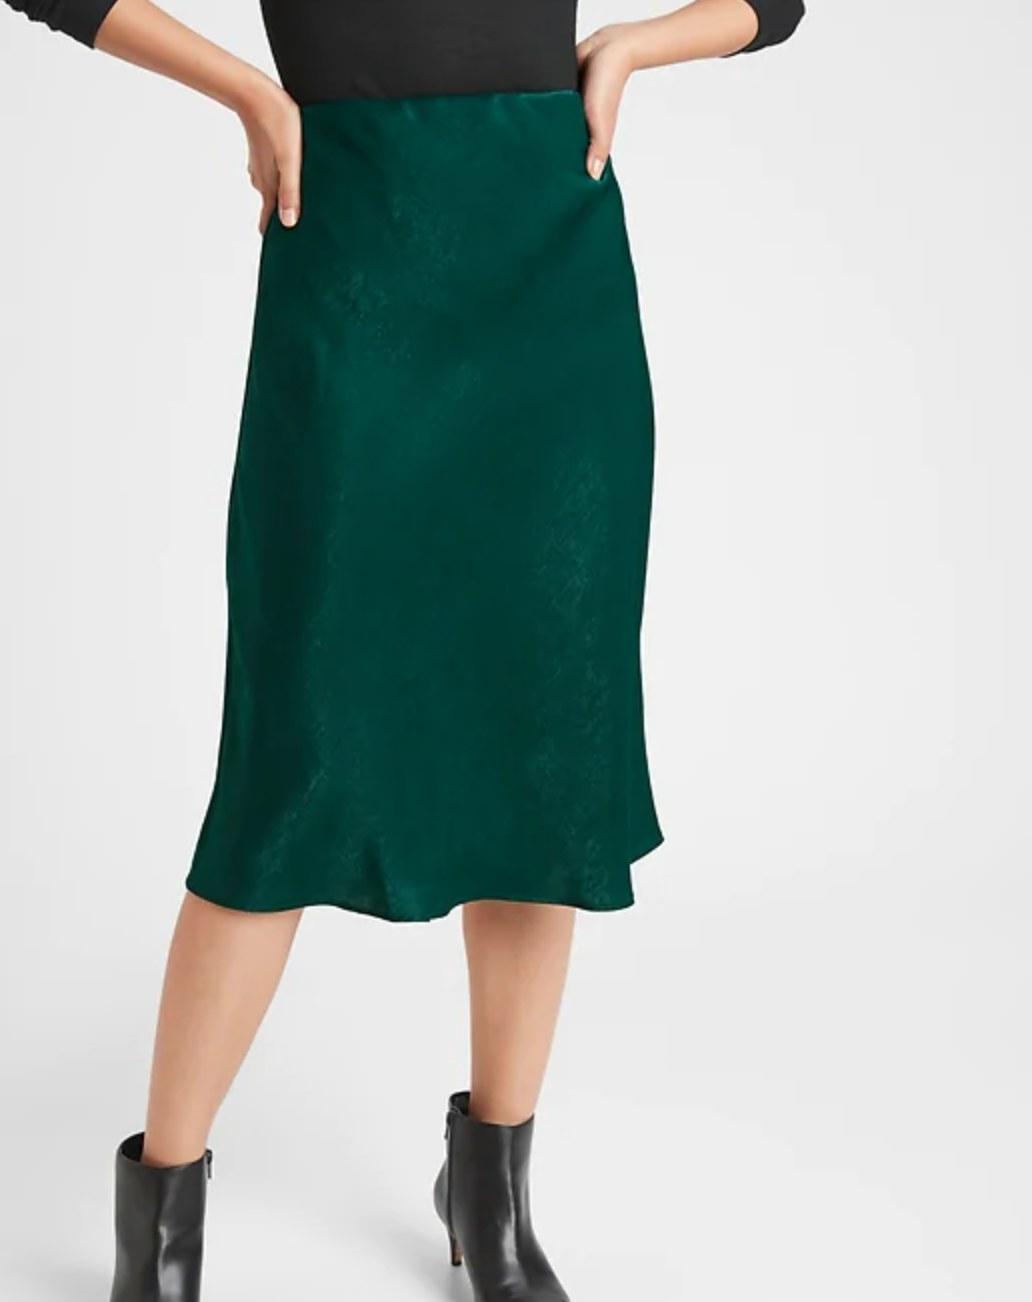 The satin slip midi skirt in forever green